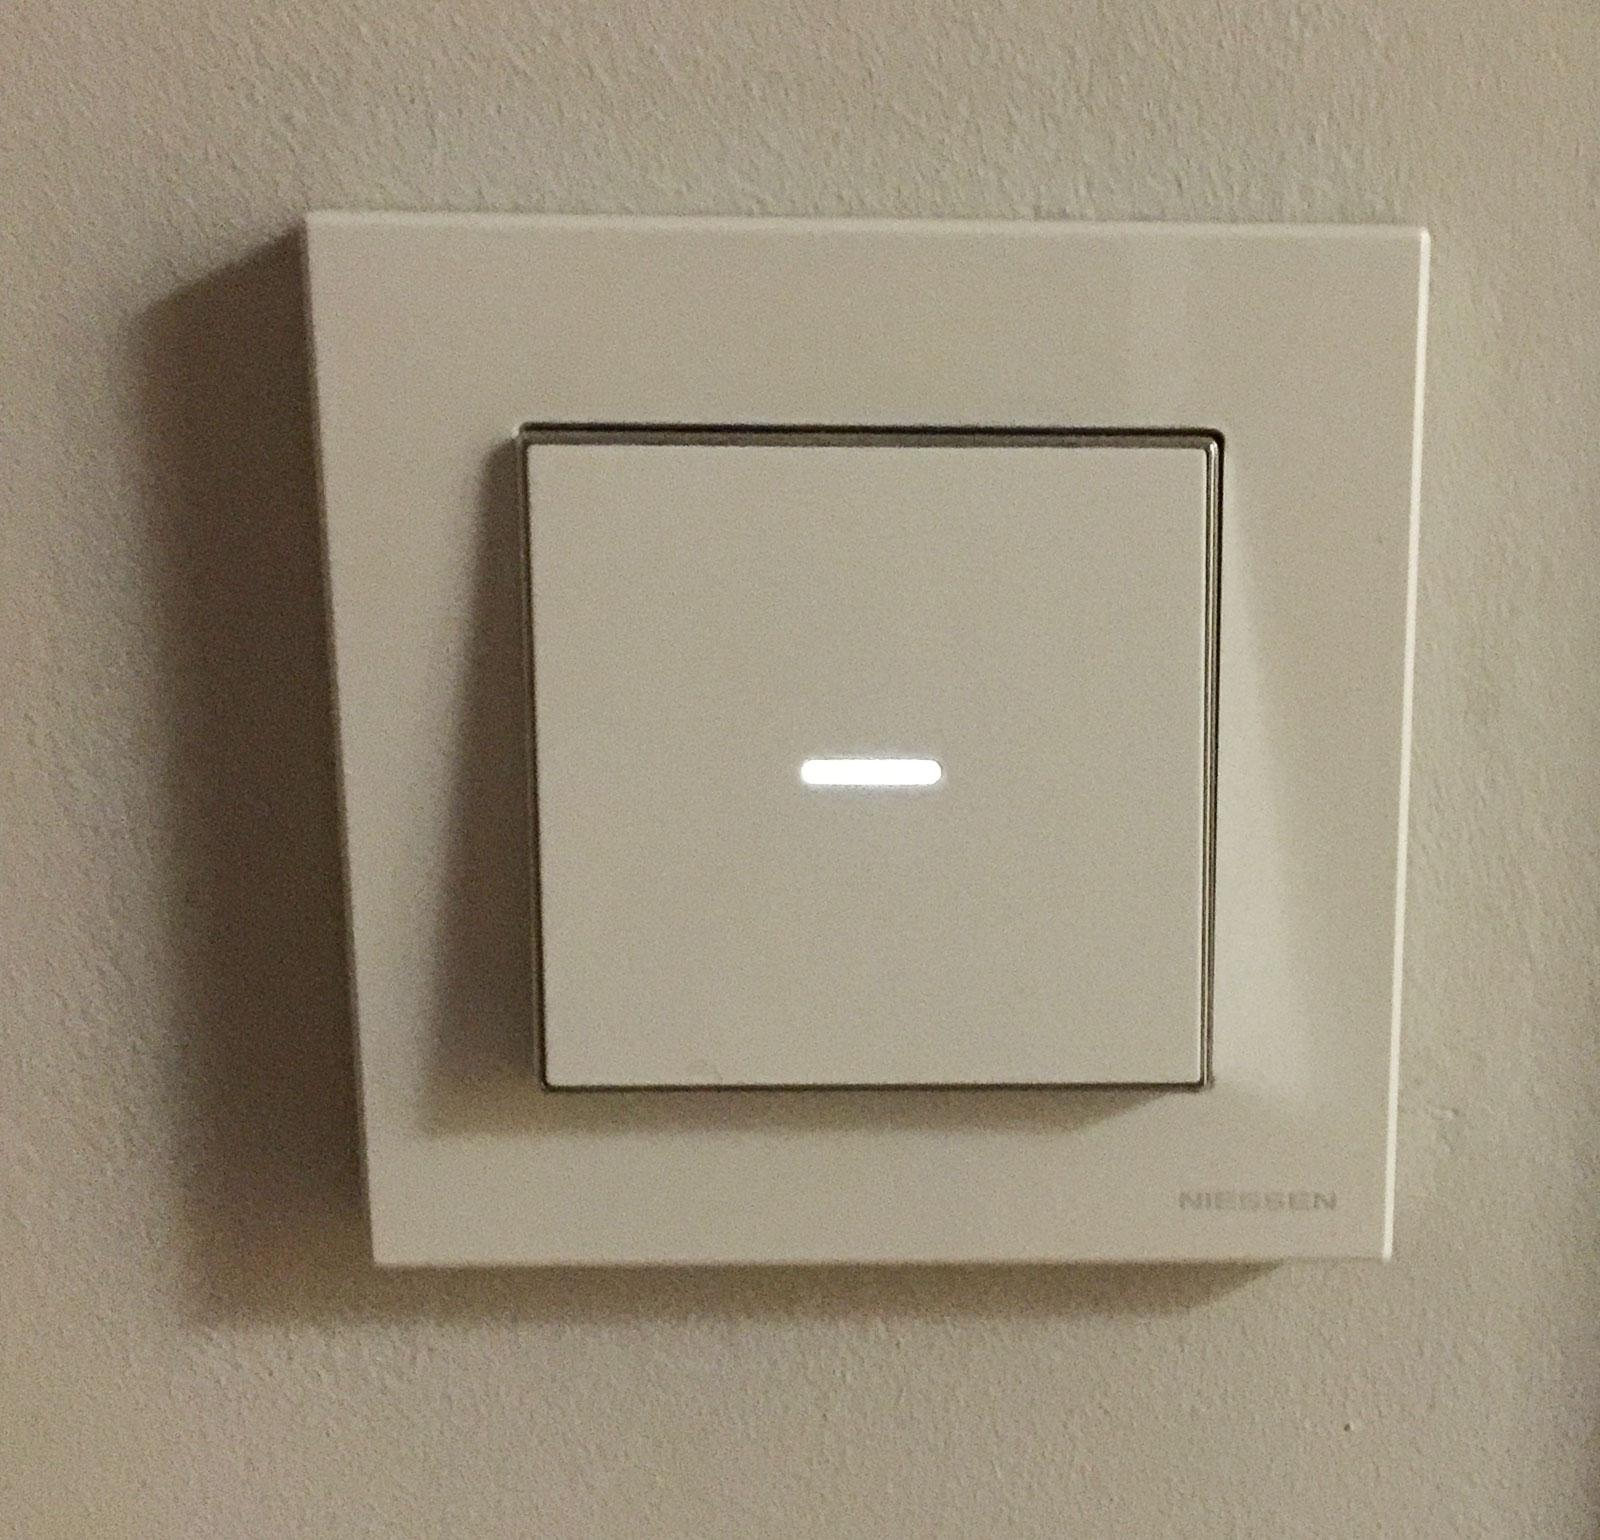 Interruptores con LED